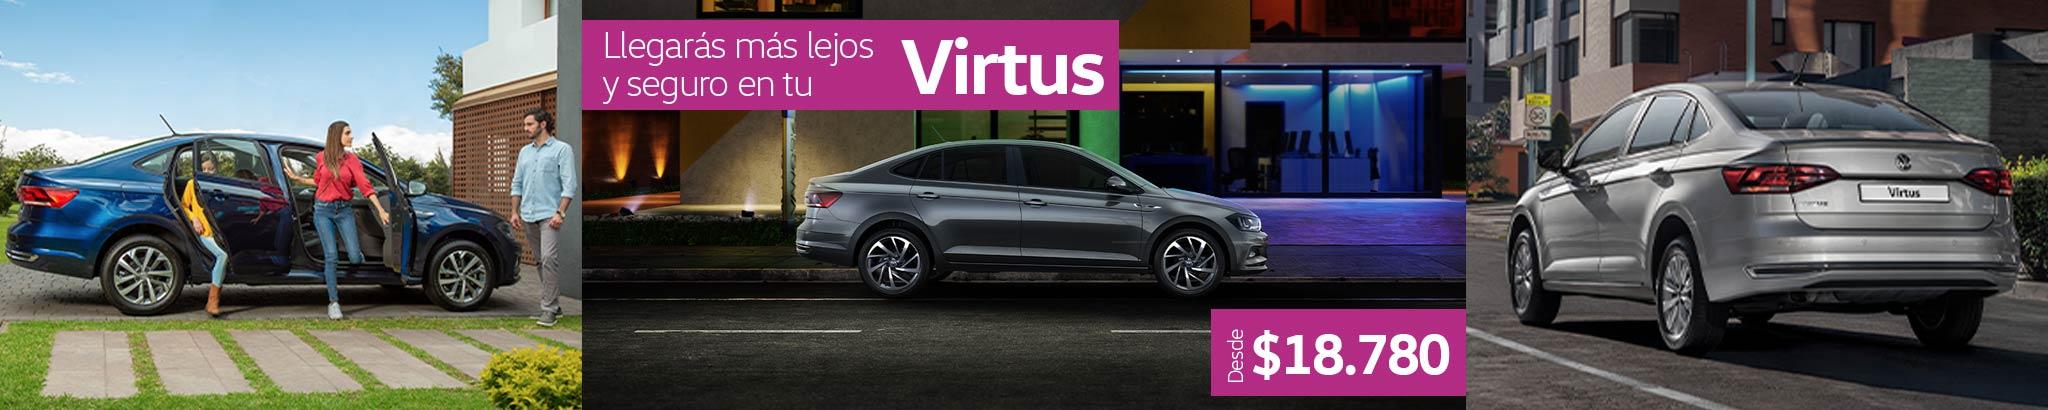 VW Ecuador - Accede a la cotizacion de vehiculos